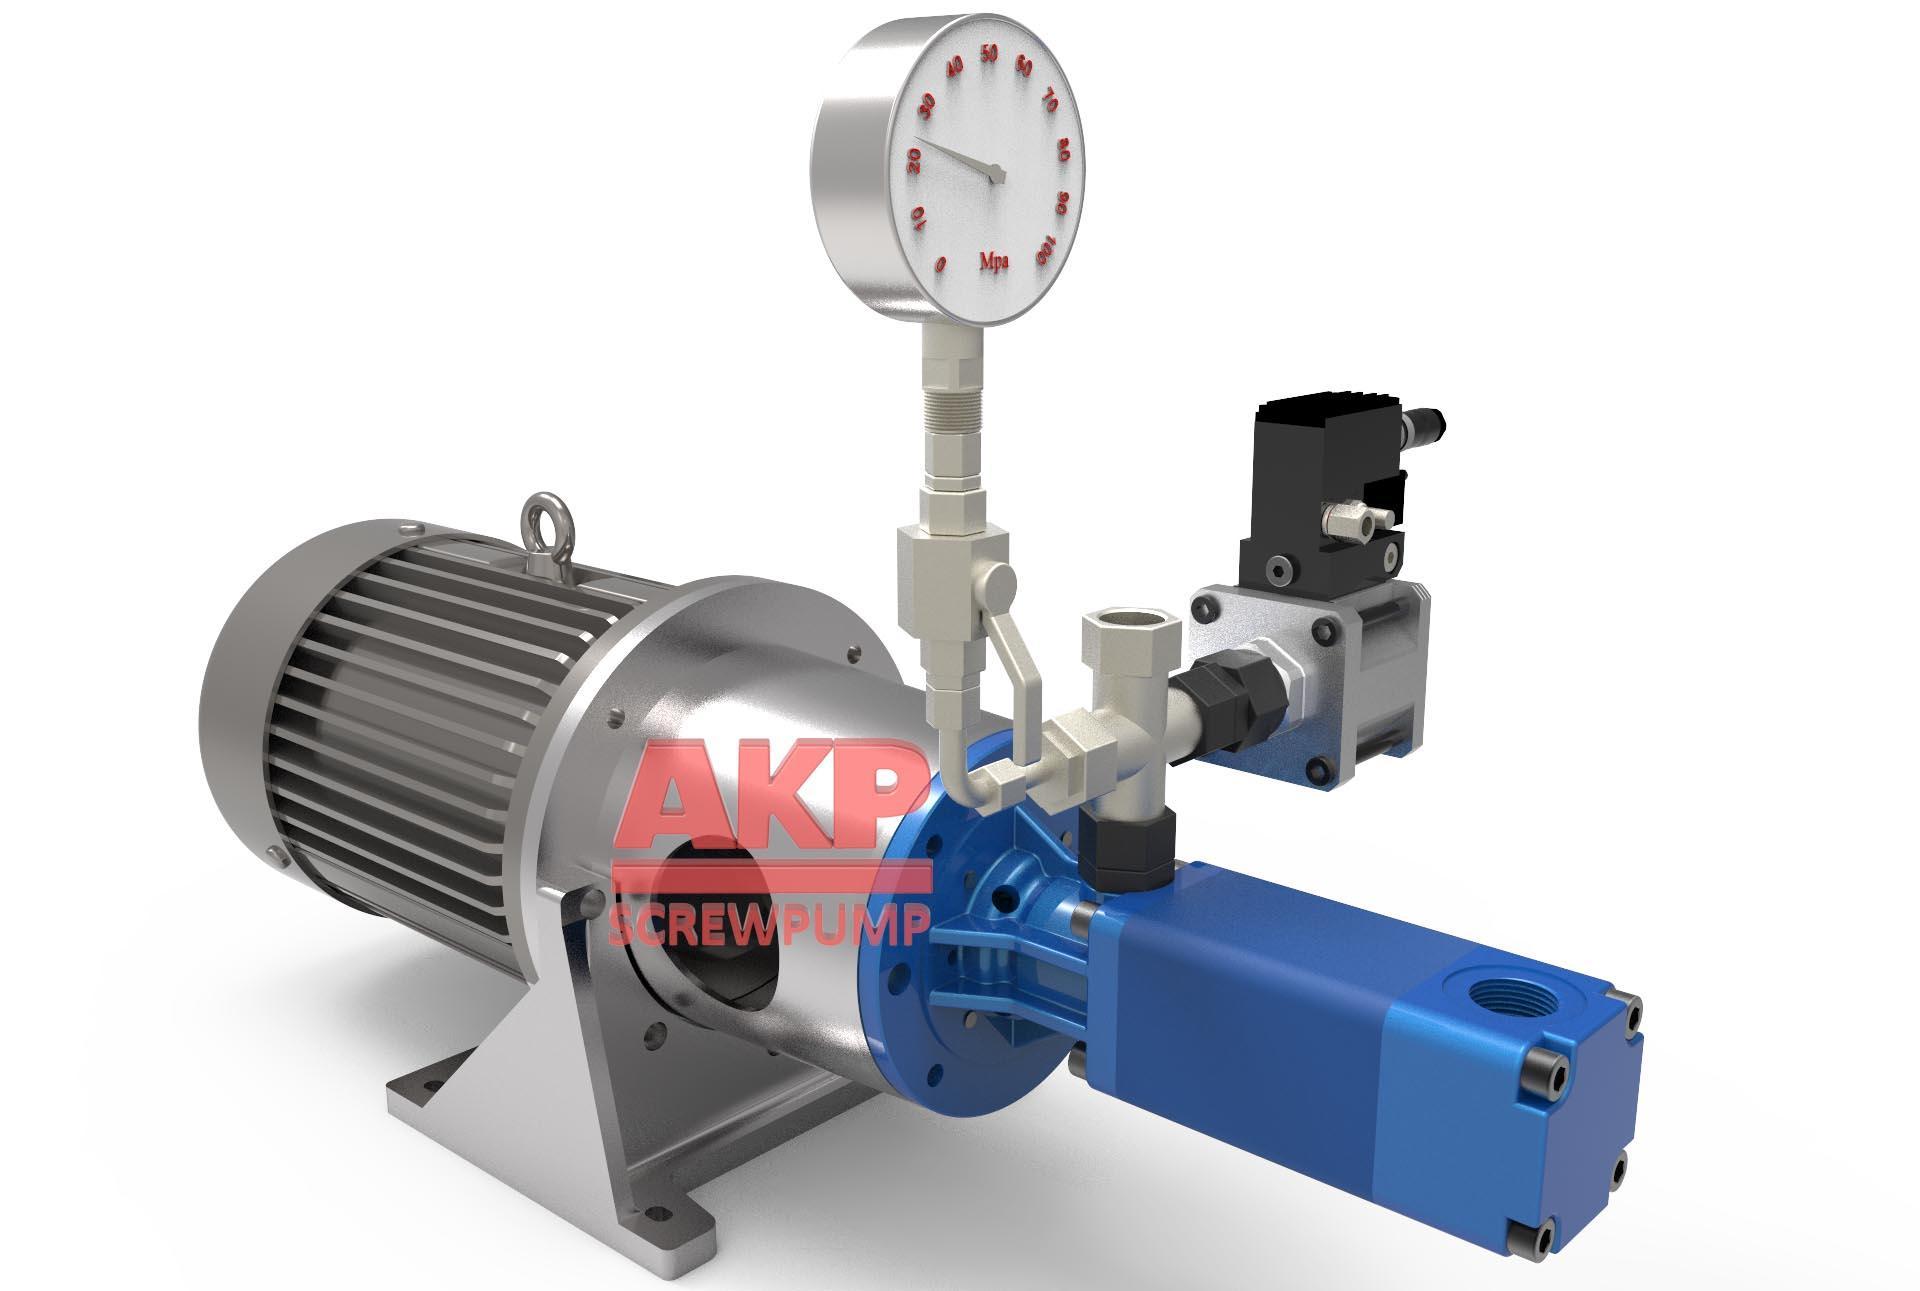 高压机床冷却泵ATS-25/50-T-G配套CNC加工中心 2